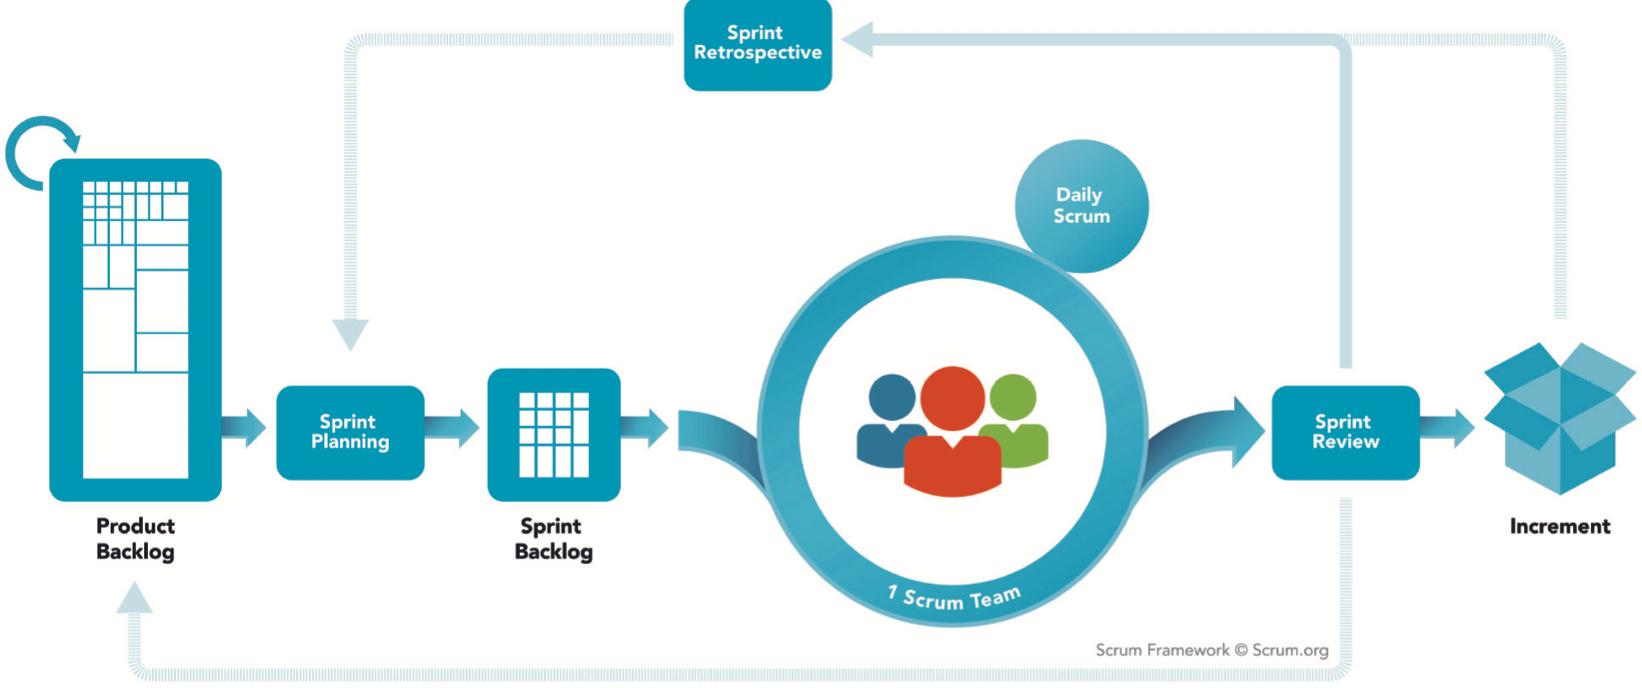 Scrum is an Agile development model.